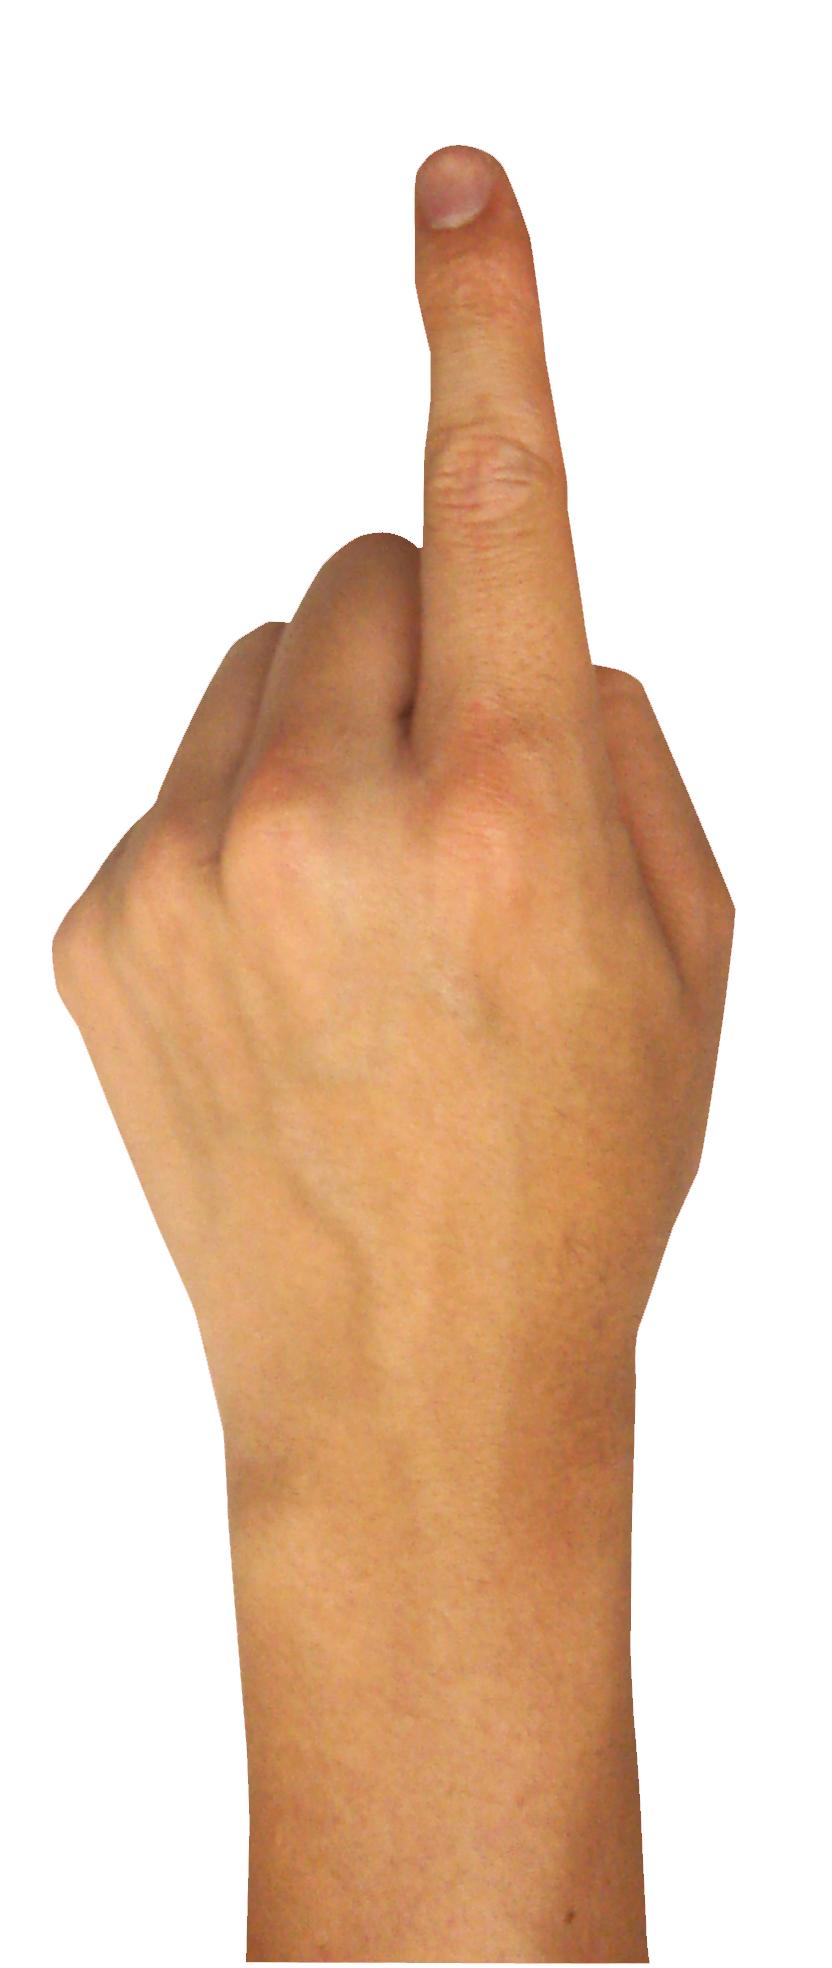 Finger PNG - 3016